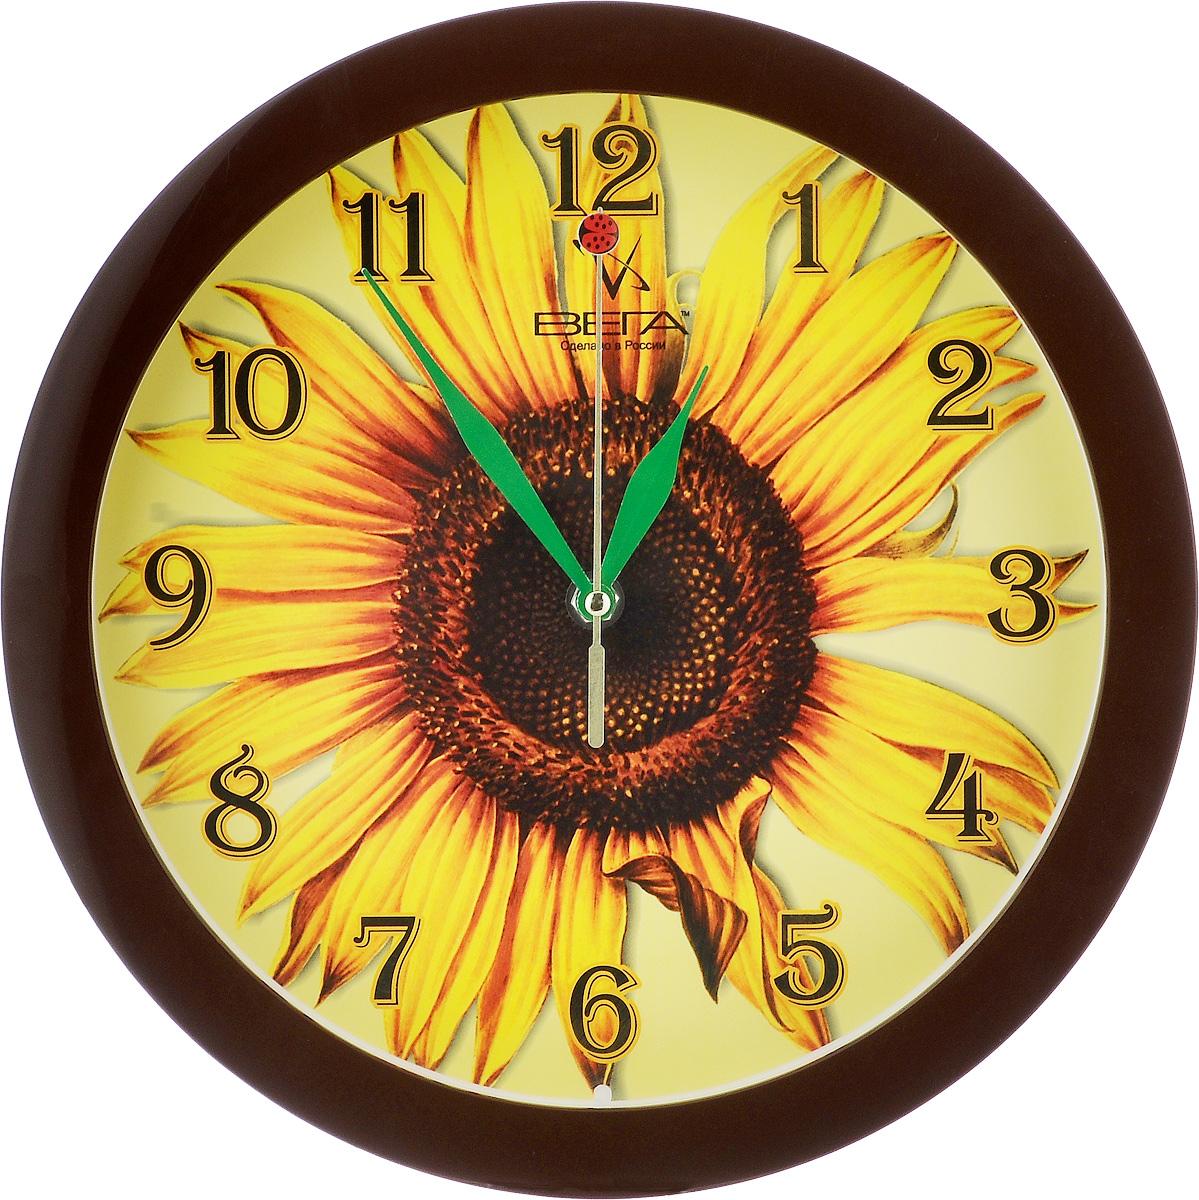 Часы настенные Вега Подсолнух, диаметр 28,5 см94672Настенные кварцевые часы Вега Подсолнух, изготовленные из пластика, прекрасно впишутся в интерьер вашего дома. Круглые часы имеют три стрелки: часовую, минутную и секундную, циферблат защищен прозрачным стеклом. Часы работают от 1 батарейки типа АА напряжением 1,5 В (не входит в комплект). Диаметр часов: 28,5 см.